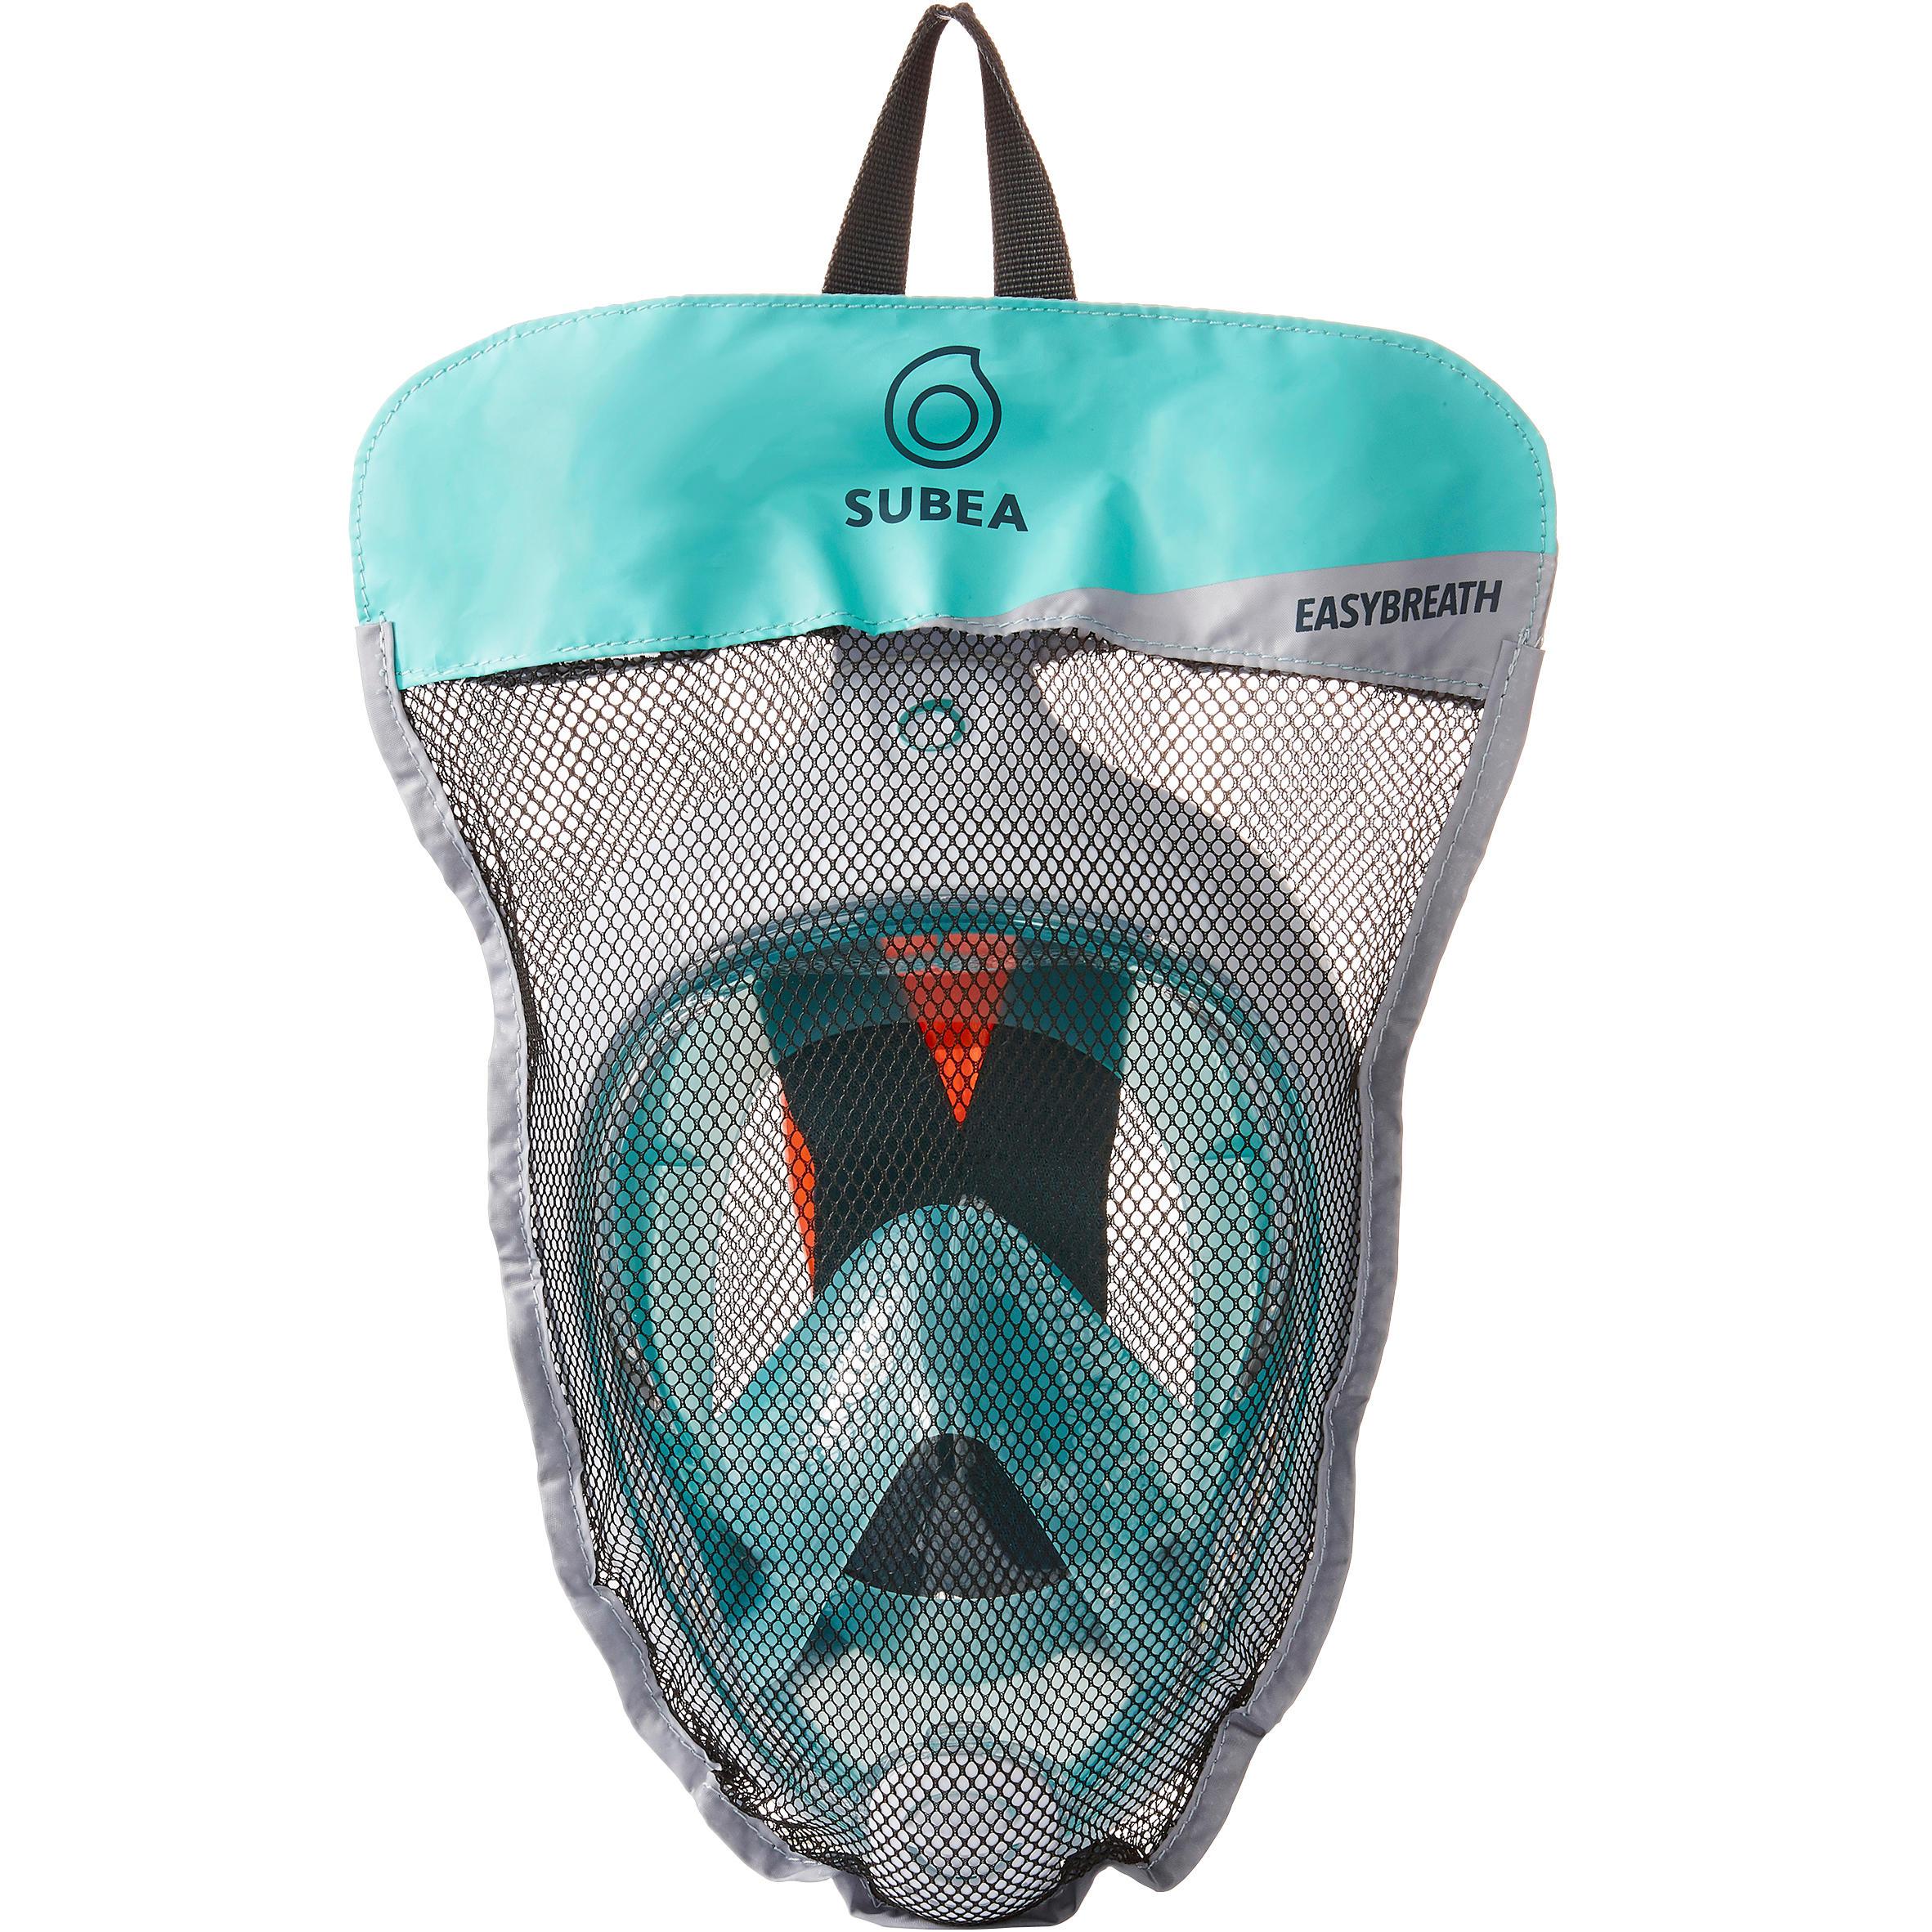 3b101ecc3 Máscara de snorkel en superficie Easybreath azul turquesa - Decathlon